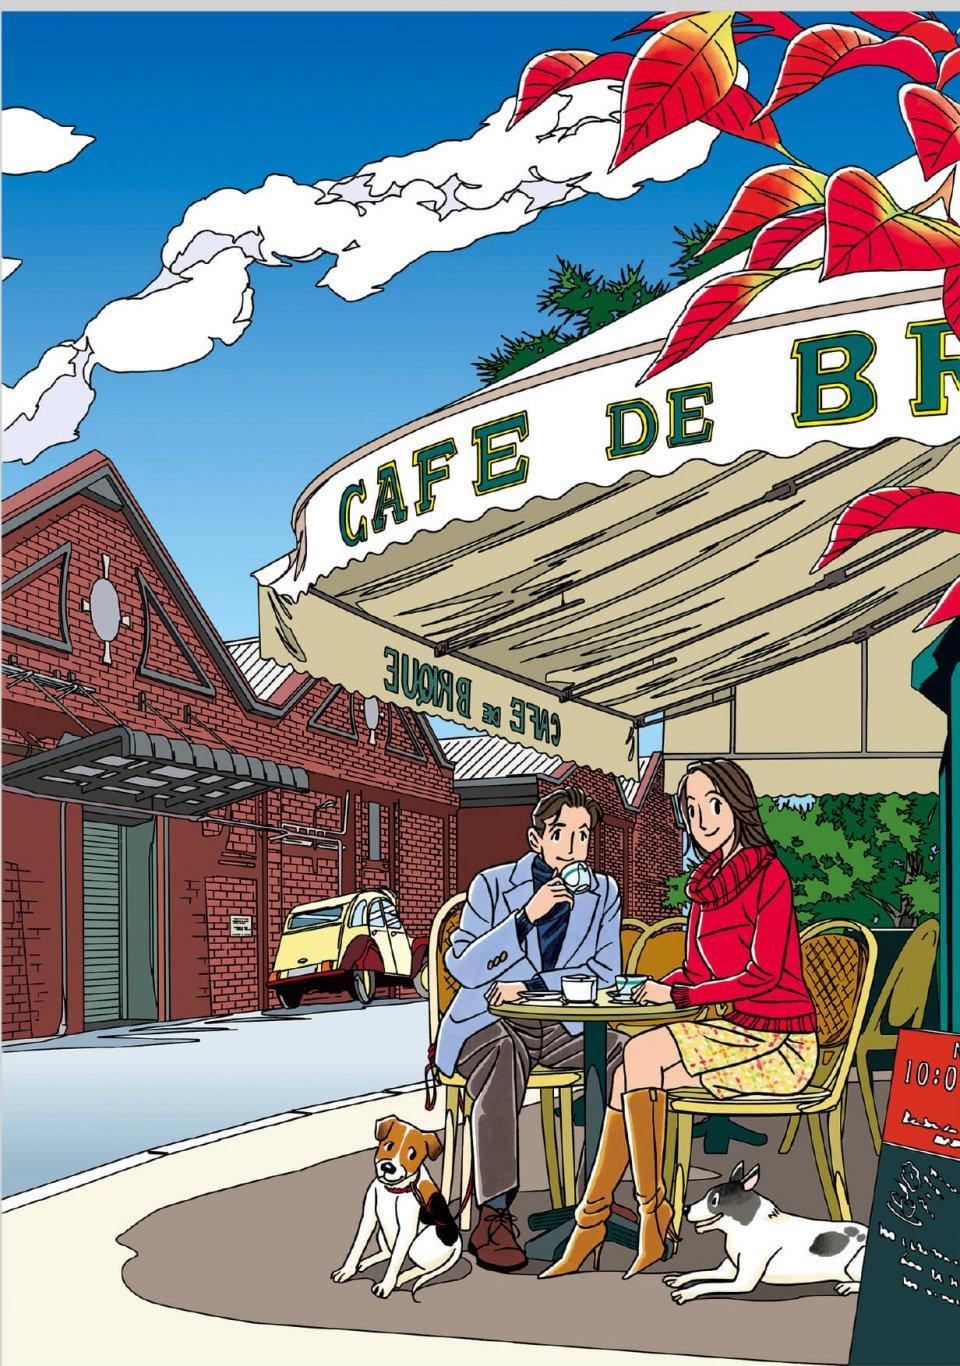 10月10日(金)から北九州市漫画ミュージアムにて画業40周年作品展『The 40th Anniversary わたせせいぞうの世界展~ハートカクテルからアンを抱きしめて~』が開催中 ©SEIZO WATASE/APPLE FARM INC.